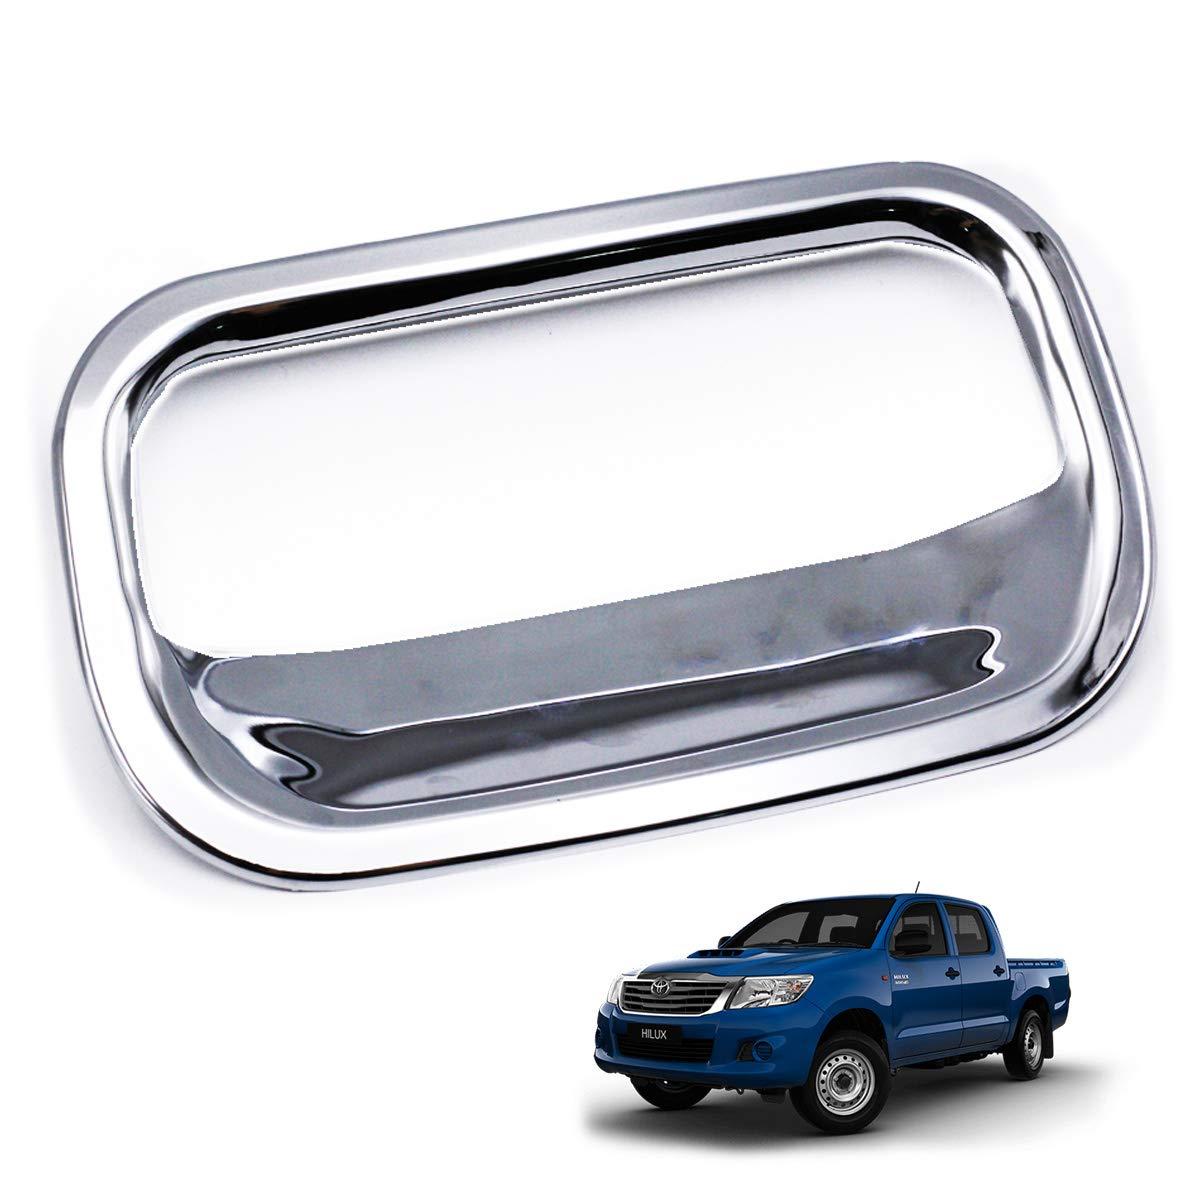 Chrome Rear Tailgate Accent Bowl Insert Fits Toyota Hilux Vigo Champ Sr5 2011 14